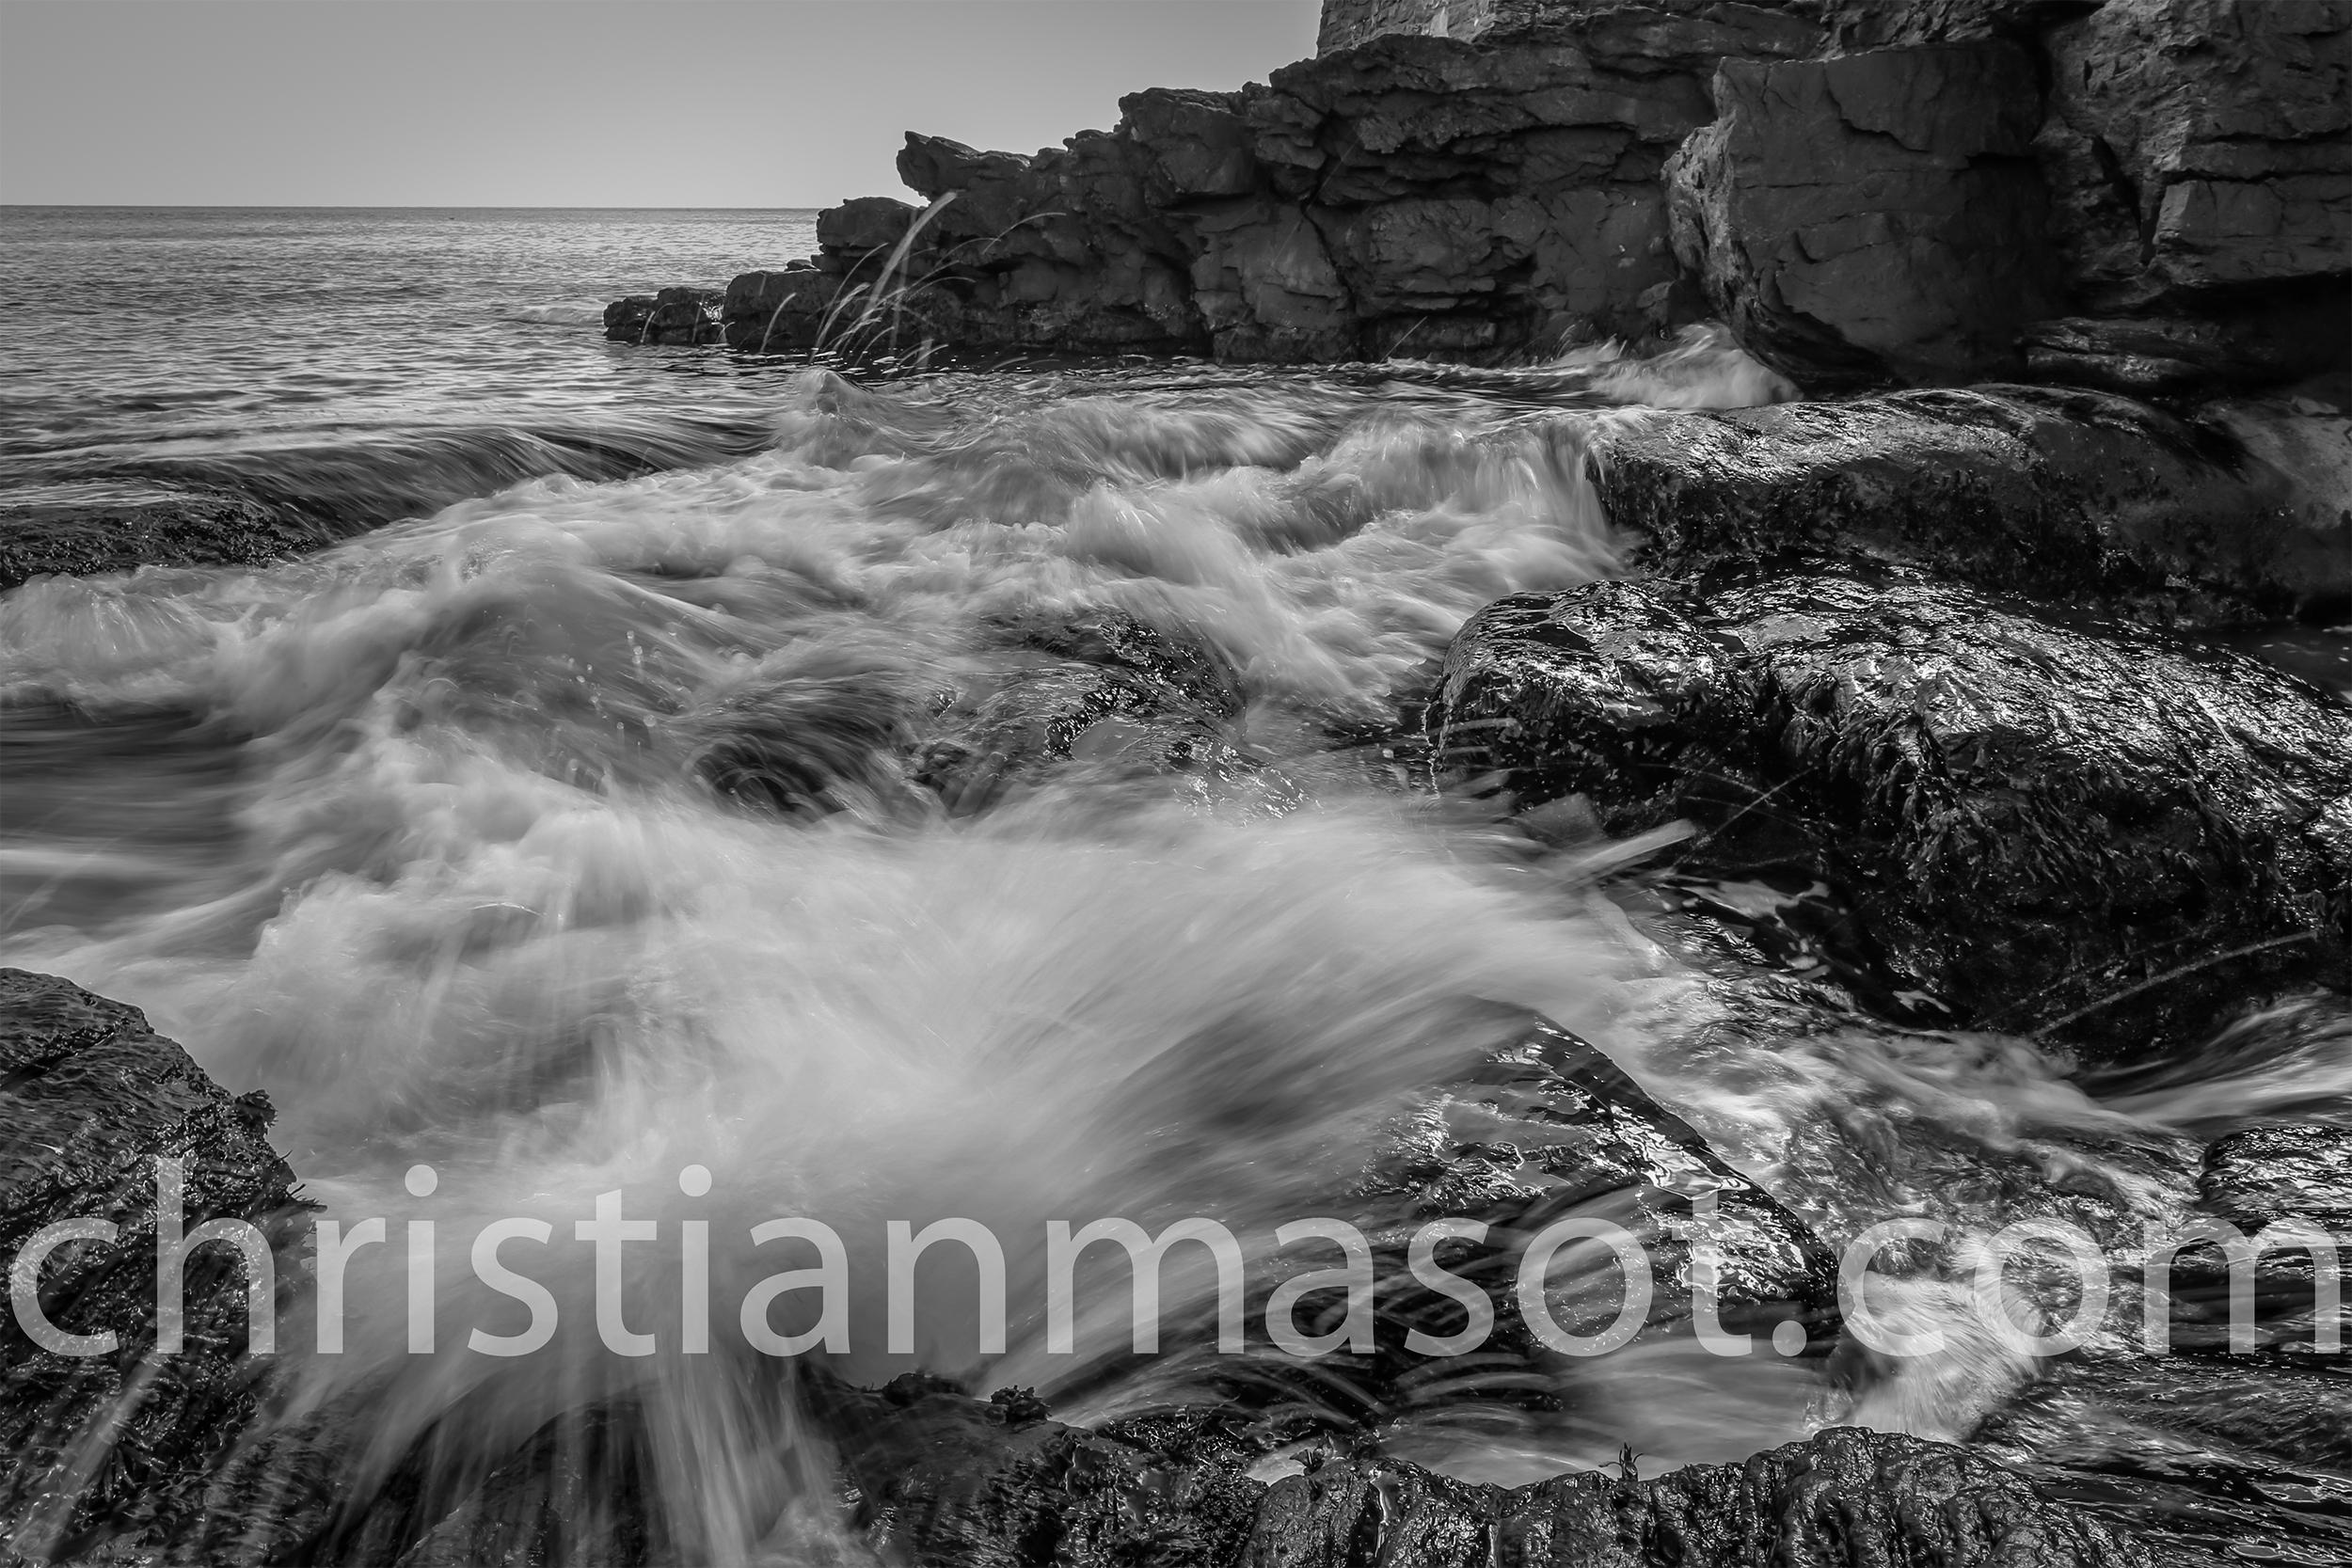 christianmasot-12.jpg